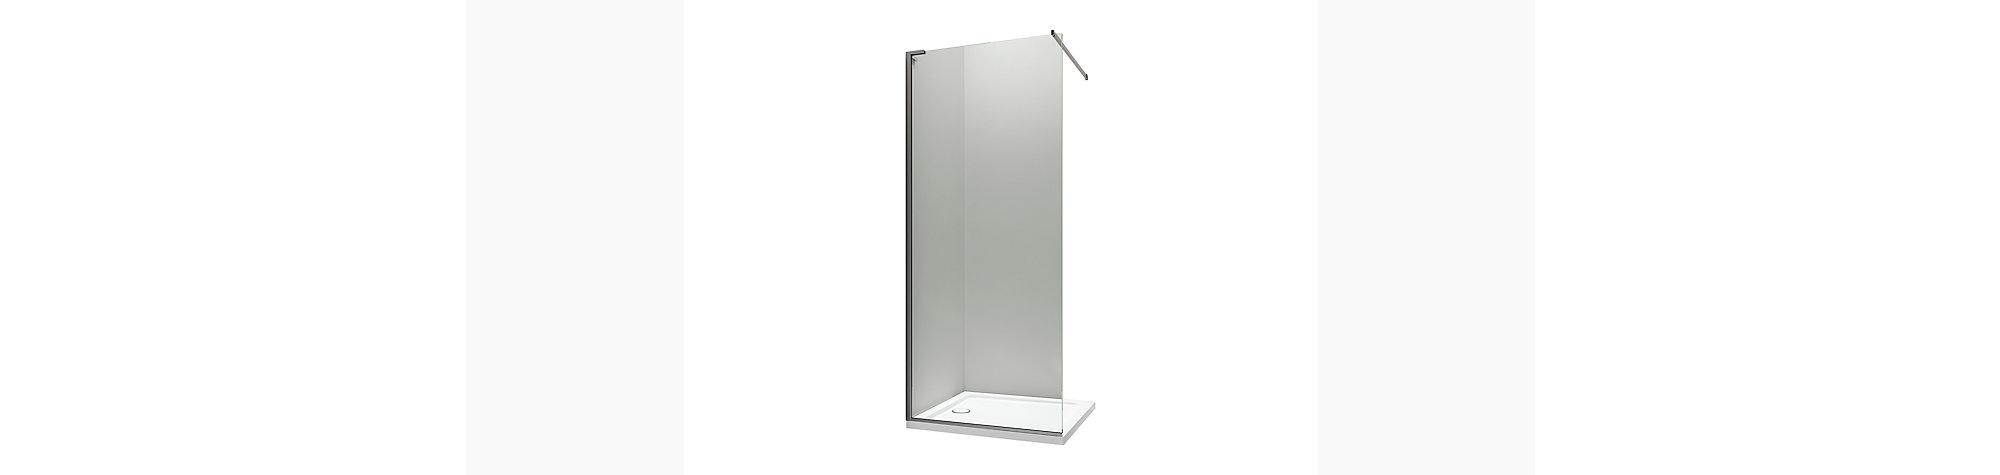 Shower Enclosures for Luxury Designer Bathrooms   KOHLER